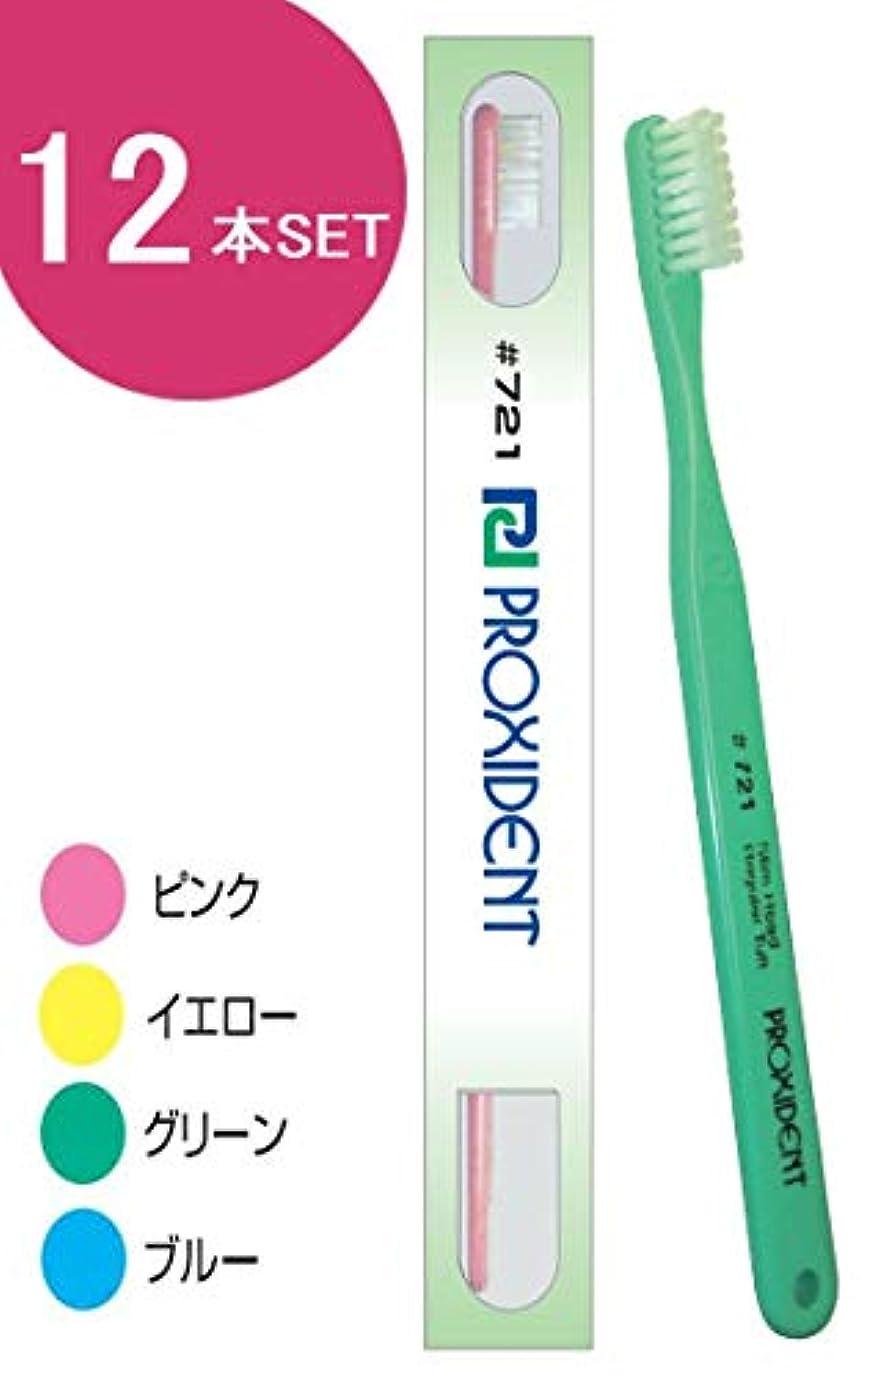 音声パースブラックボロウ剃るプローデント プロキシデント スリムヘッド レギュラータフト 歯ブラシ #721 (12本)